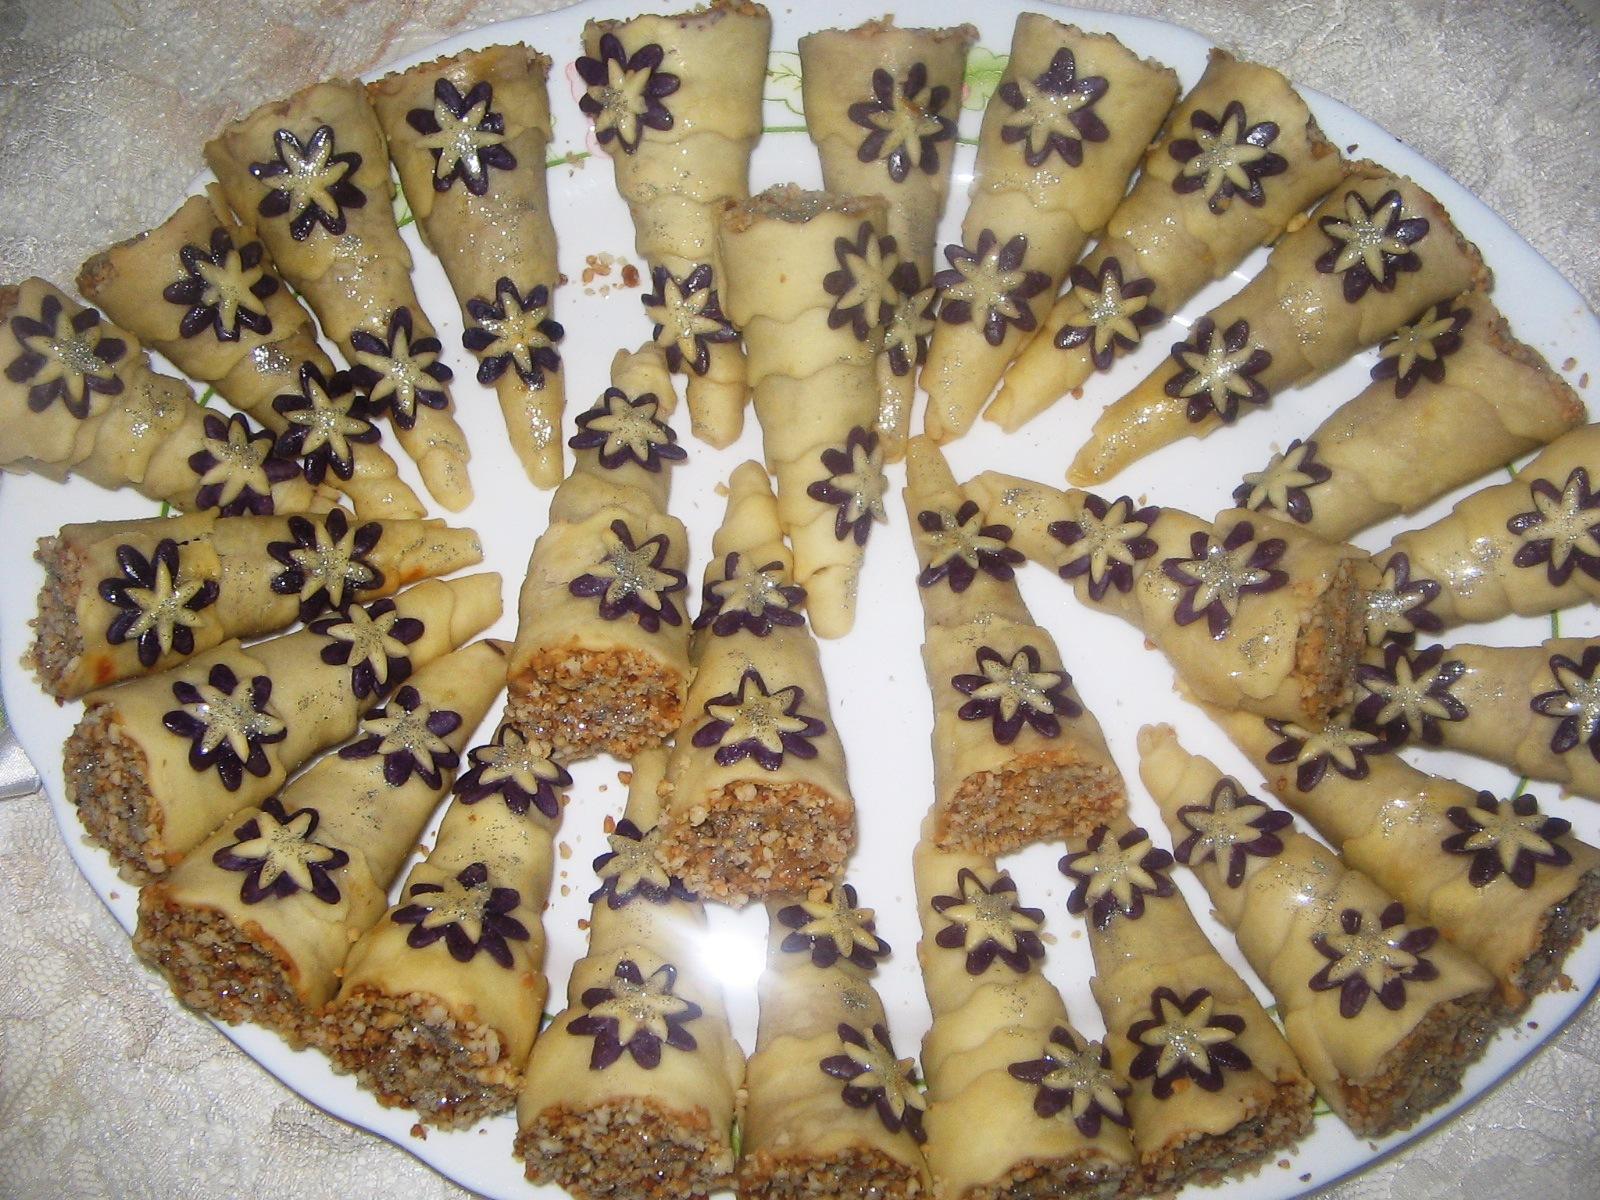 صورة حلويات جزائرية بسيطة بالصور , اشهى حلويات الجزائر 2071 1